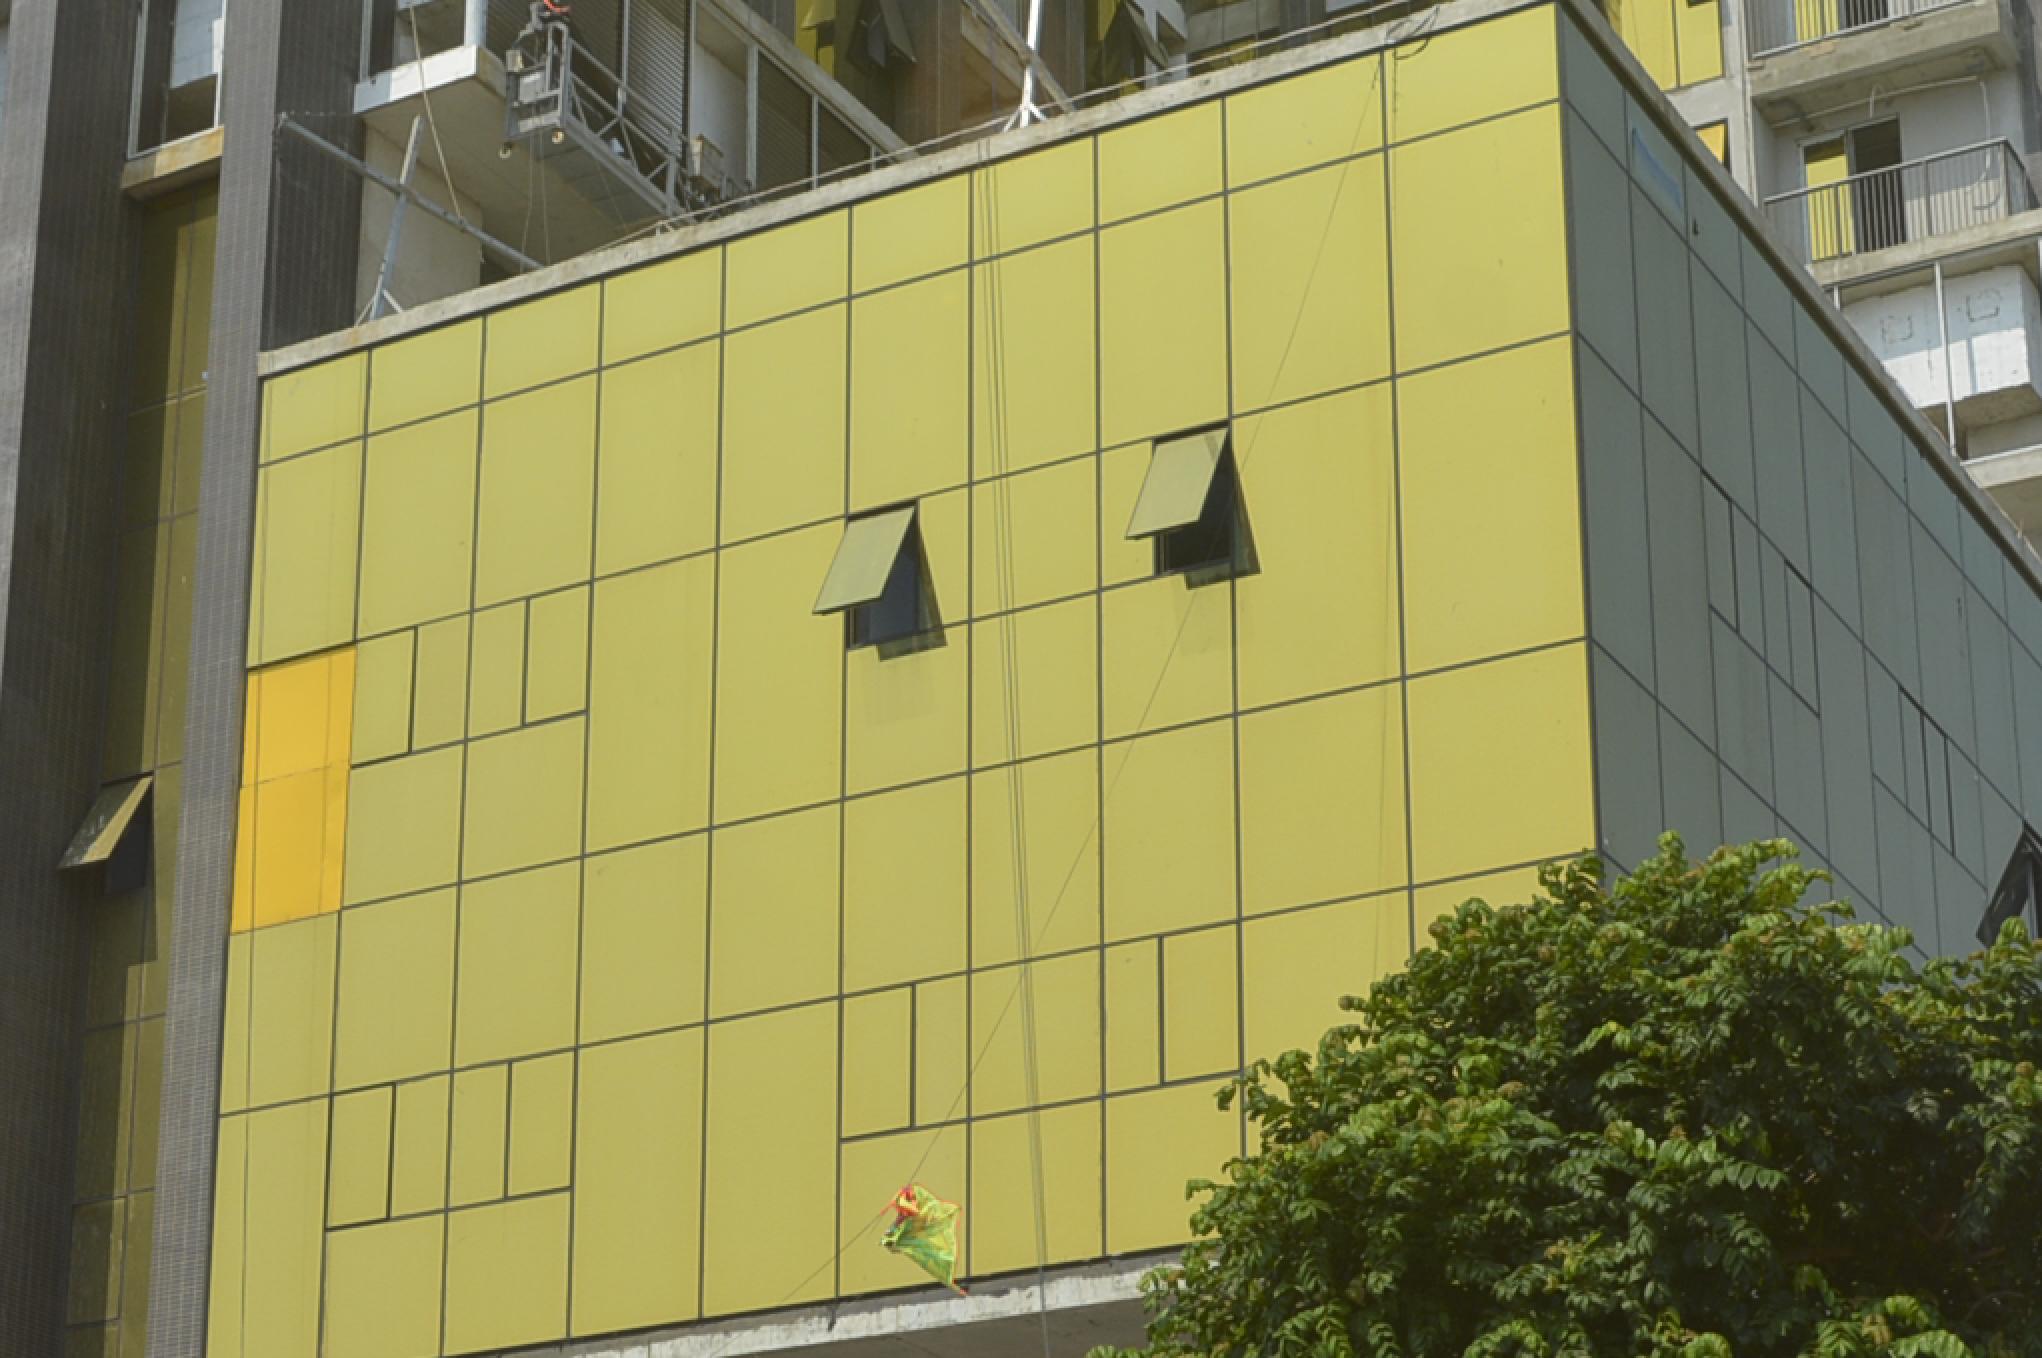 Hai tòa nhà ở Đà Nẵng lắp kính vàng không đúng qui định, người dân chói mắt khi trời nắng - Ảnh 9.